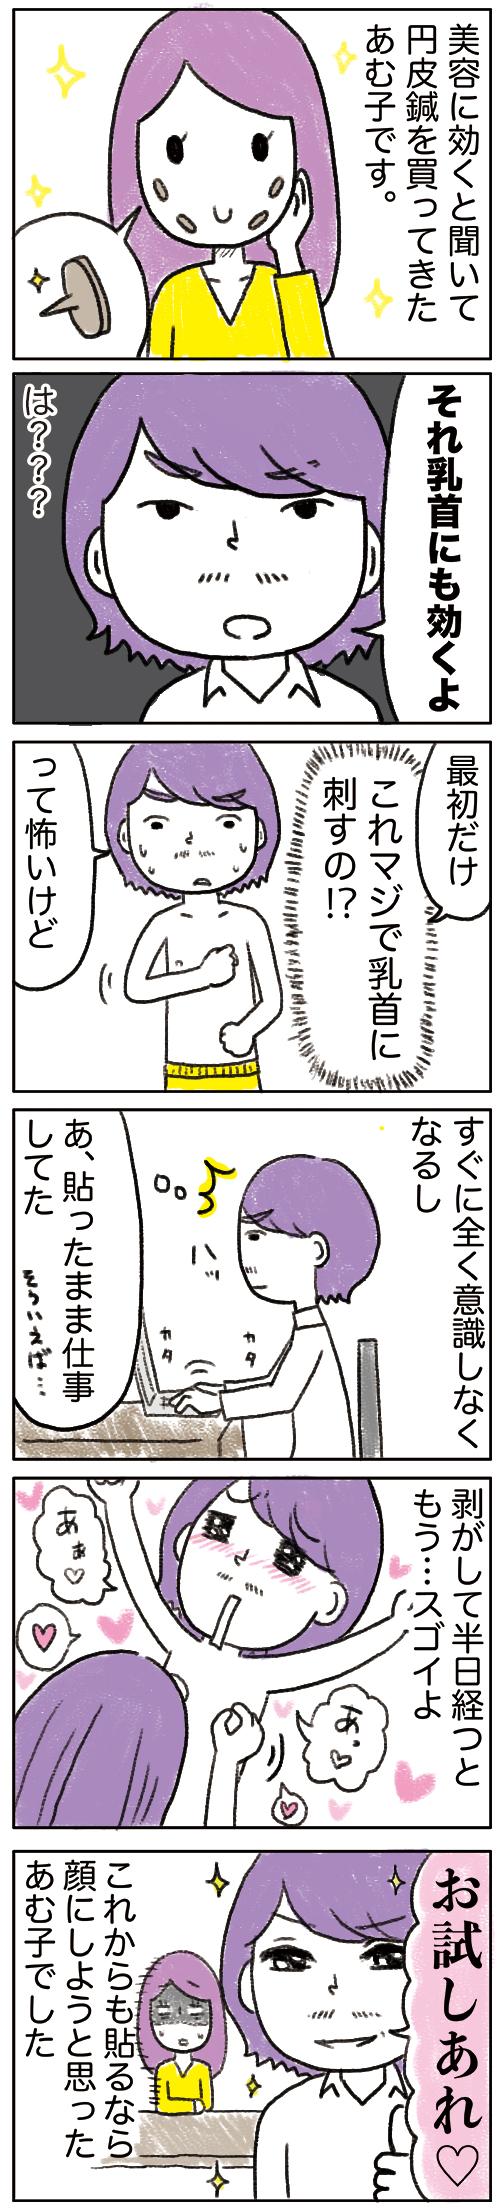 円皮鍼で乳首開発をする年上セフレとドン引きするあむ子の漫画179話